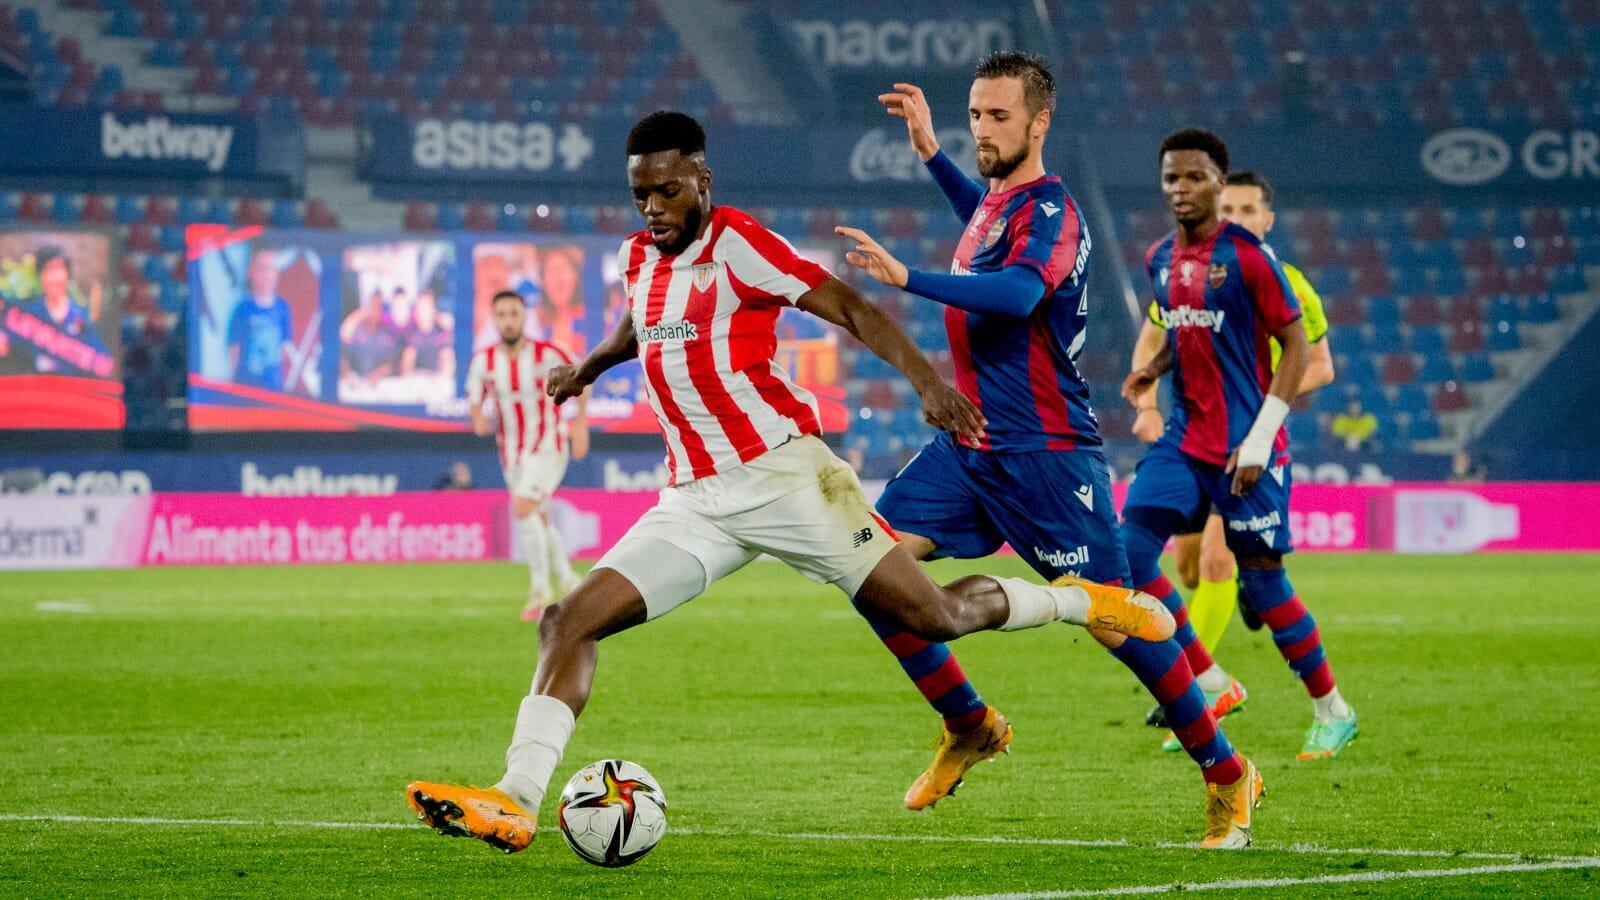 موعد ناري جديد في نهائي الكأس بين برشلونة وأتلتيك بلباو